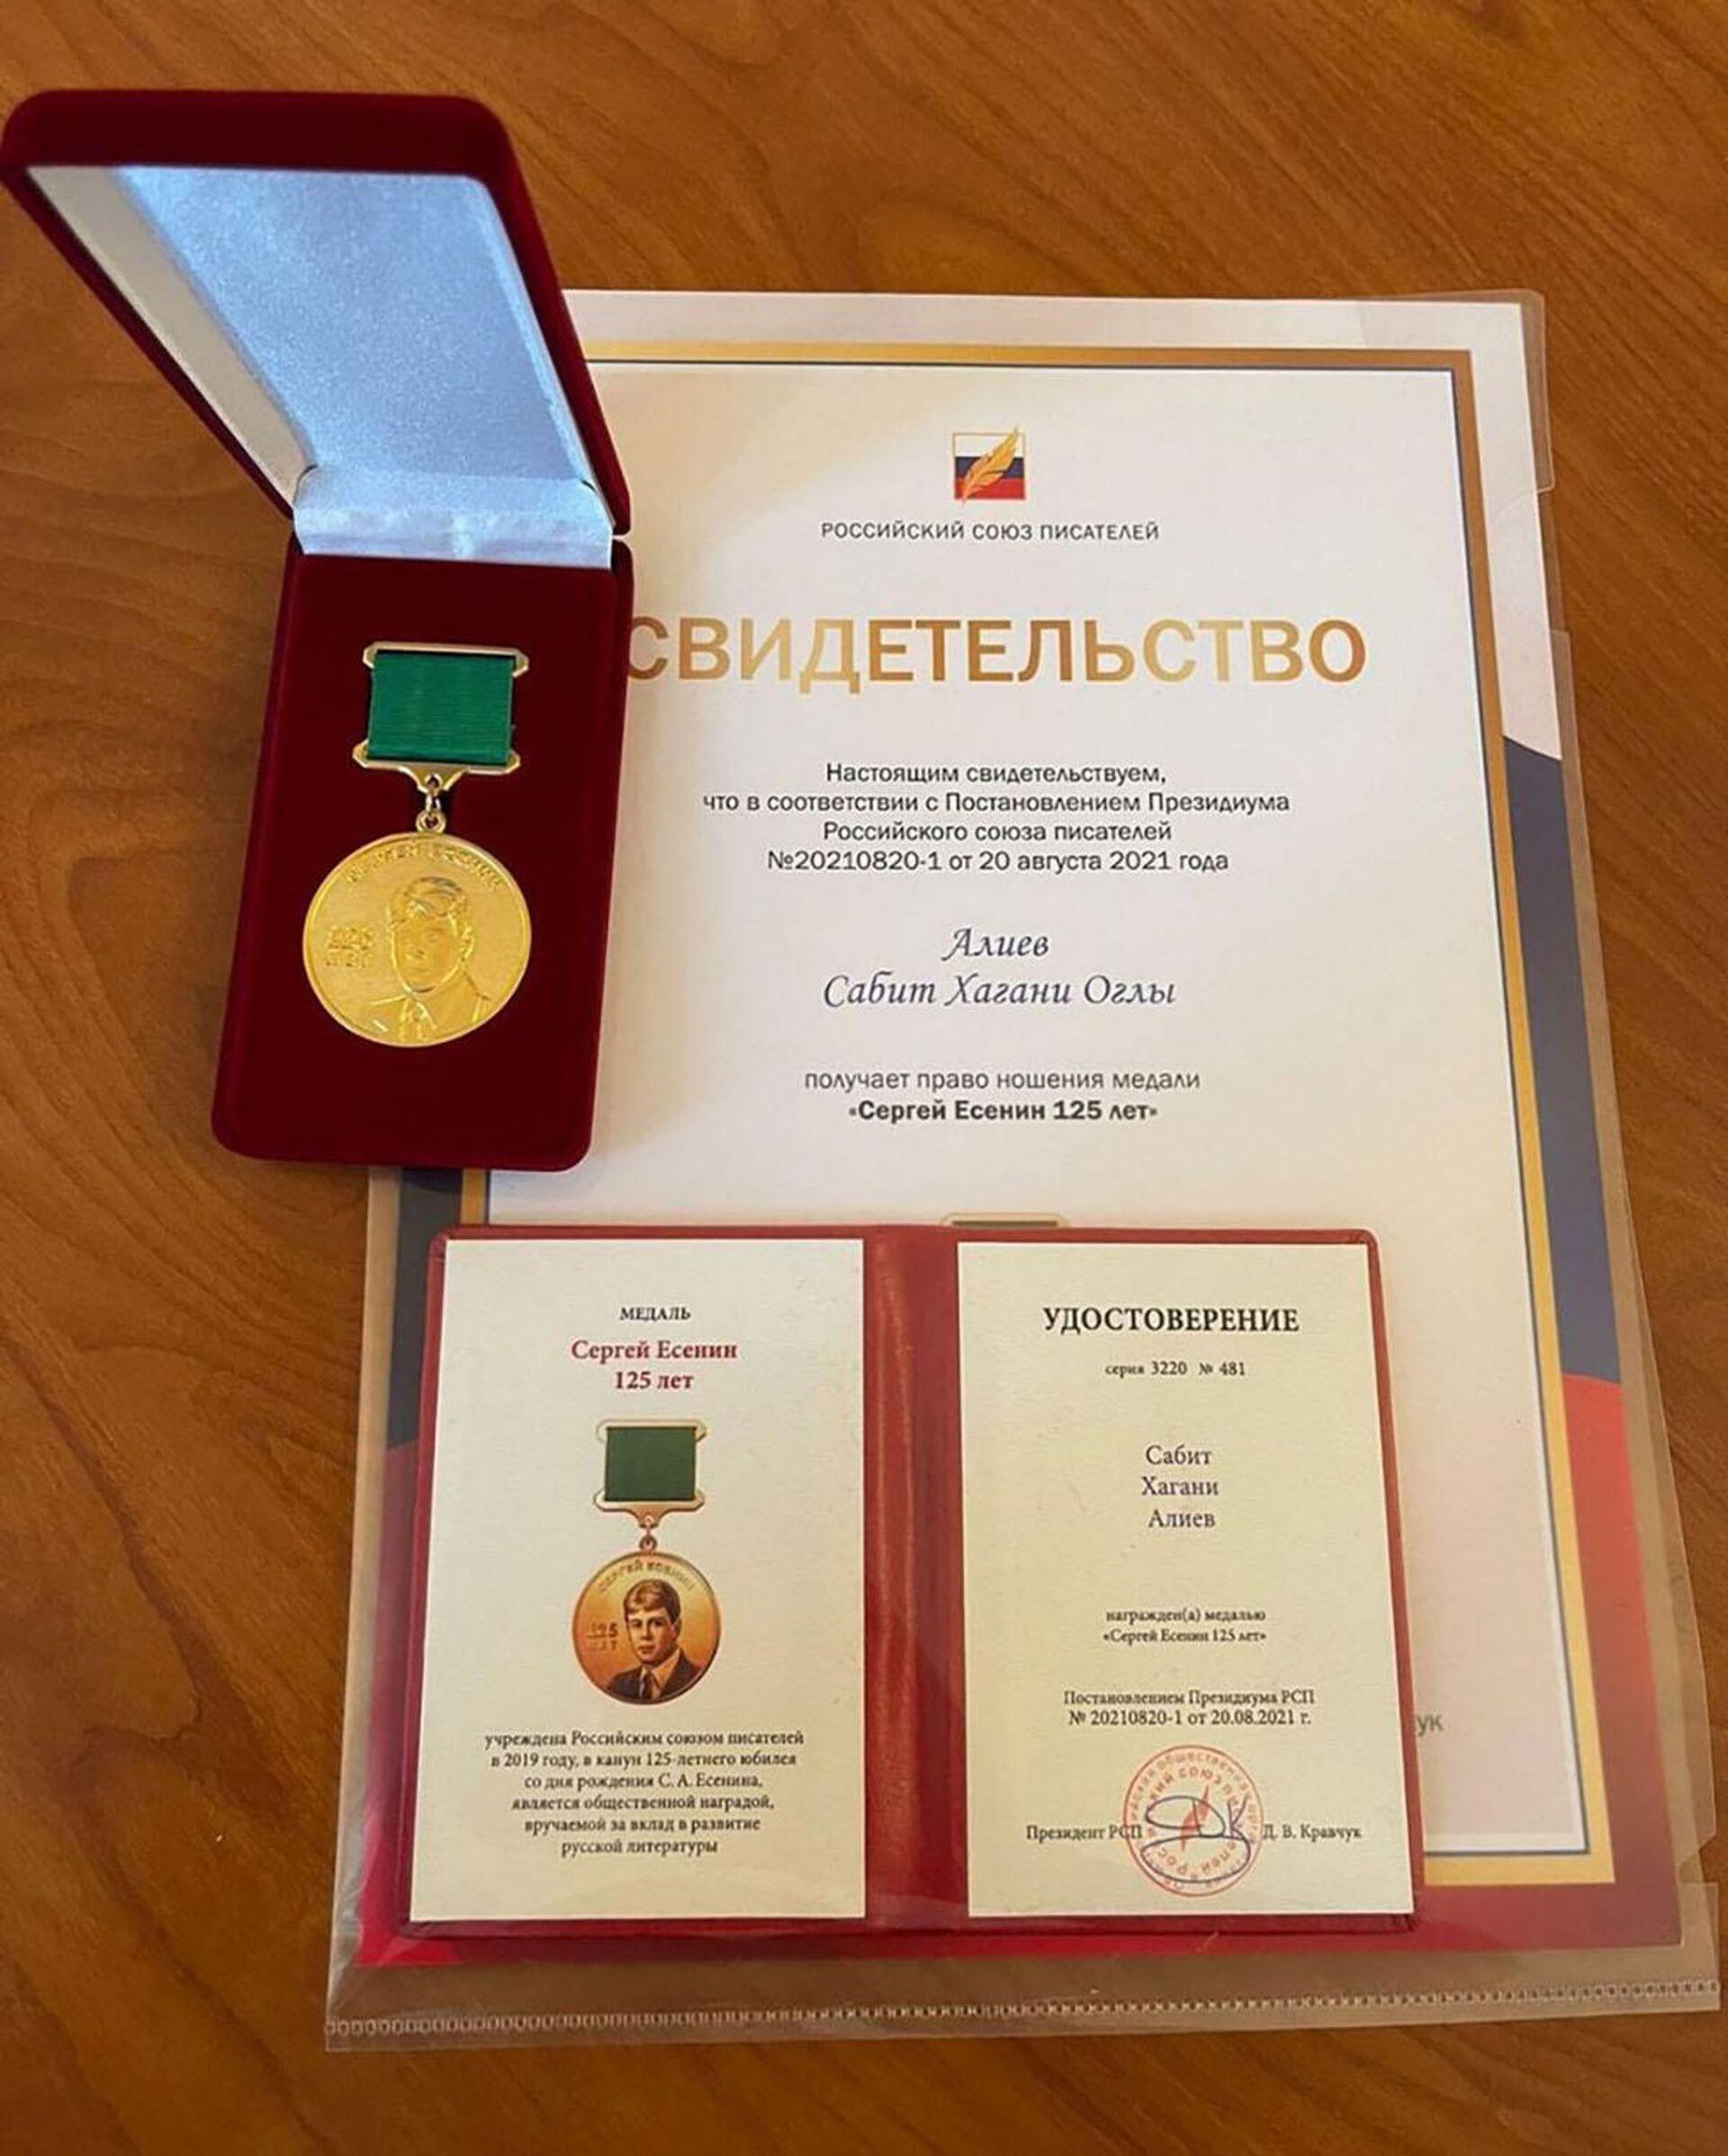 Медаль «Сергей Есенин 125 лет», врученная писателю Сабиту Алиеву - Sputnik Азербайджан, 1920, 05.10.2021